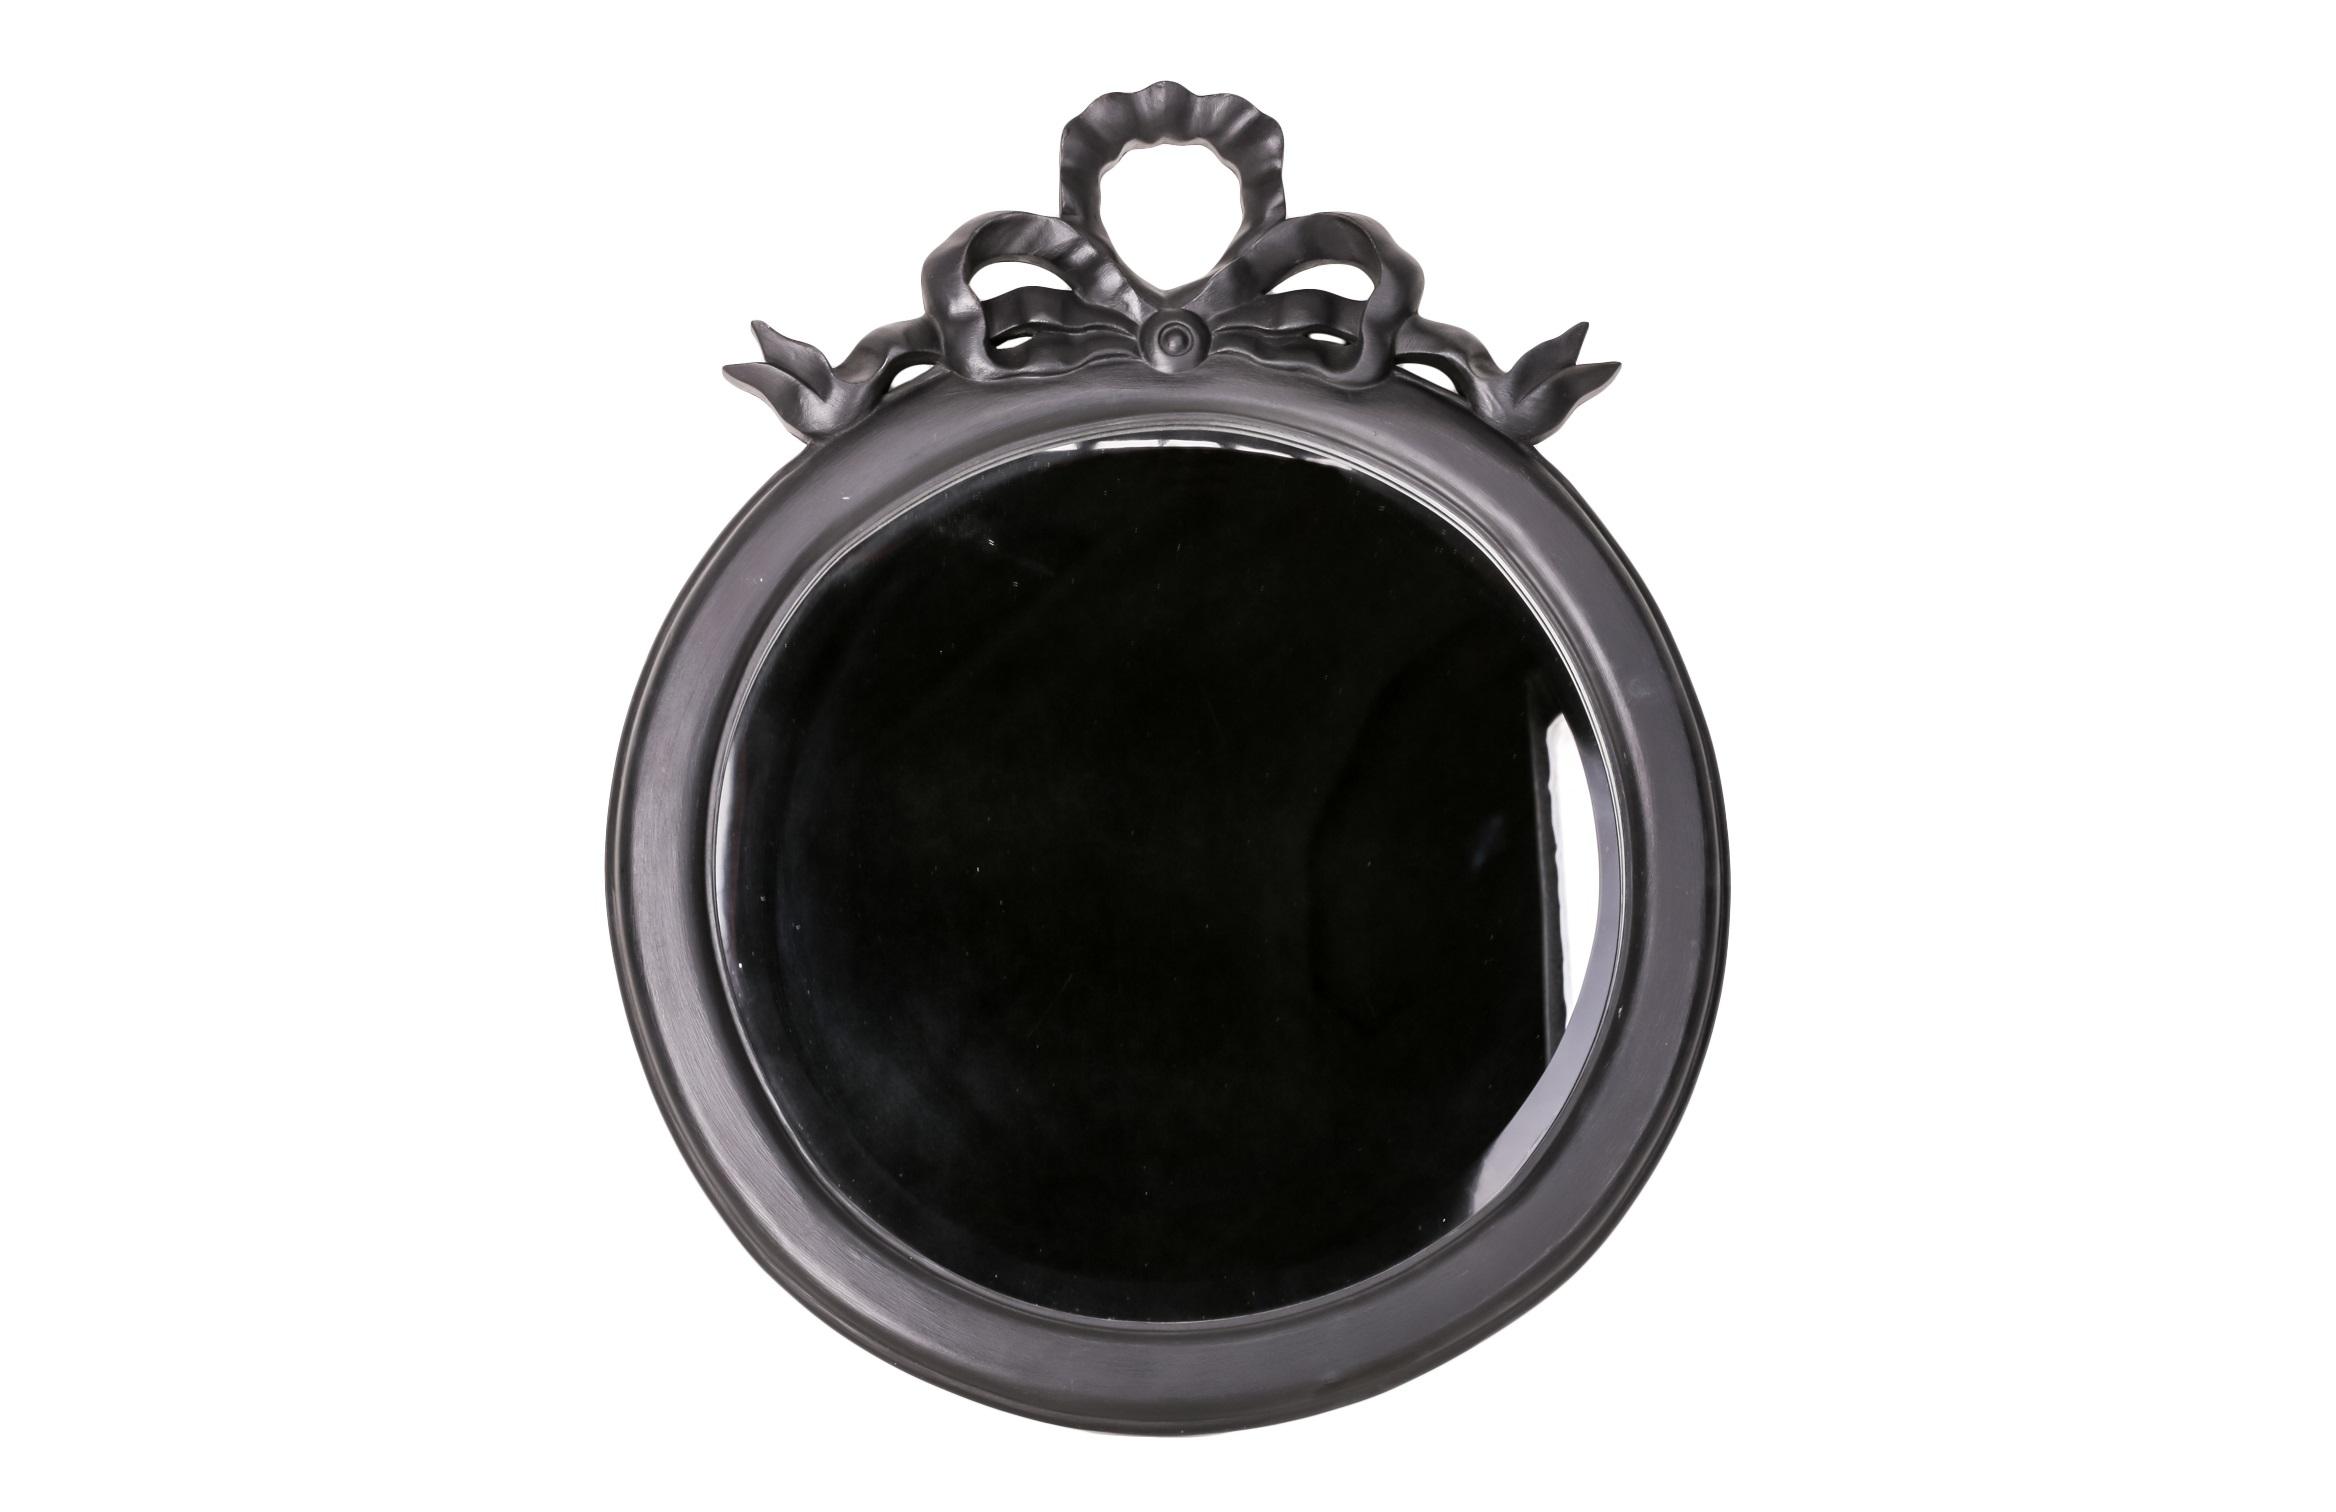 Зеркало (3шт)Настенные зеркала<br>Комплект из трех зеркал разного размера в рамах из дерева махагони, украшенных резными элементами.&amp;lt;div&amp;gt;&amp;lt;br&amp;gt;&amp;lt;/div&amp;gt;&amp;lt;div&amp;gt;Размеры зеркал: 30*40 см, 40*50 см, 50*60 см.&amp;lt;/div&amp;gt;<br><br>Material: Красное дерево<br>Width см: 30<br>Height см: 40